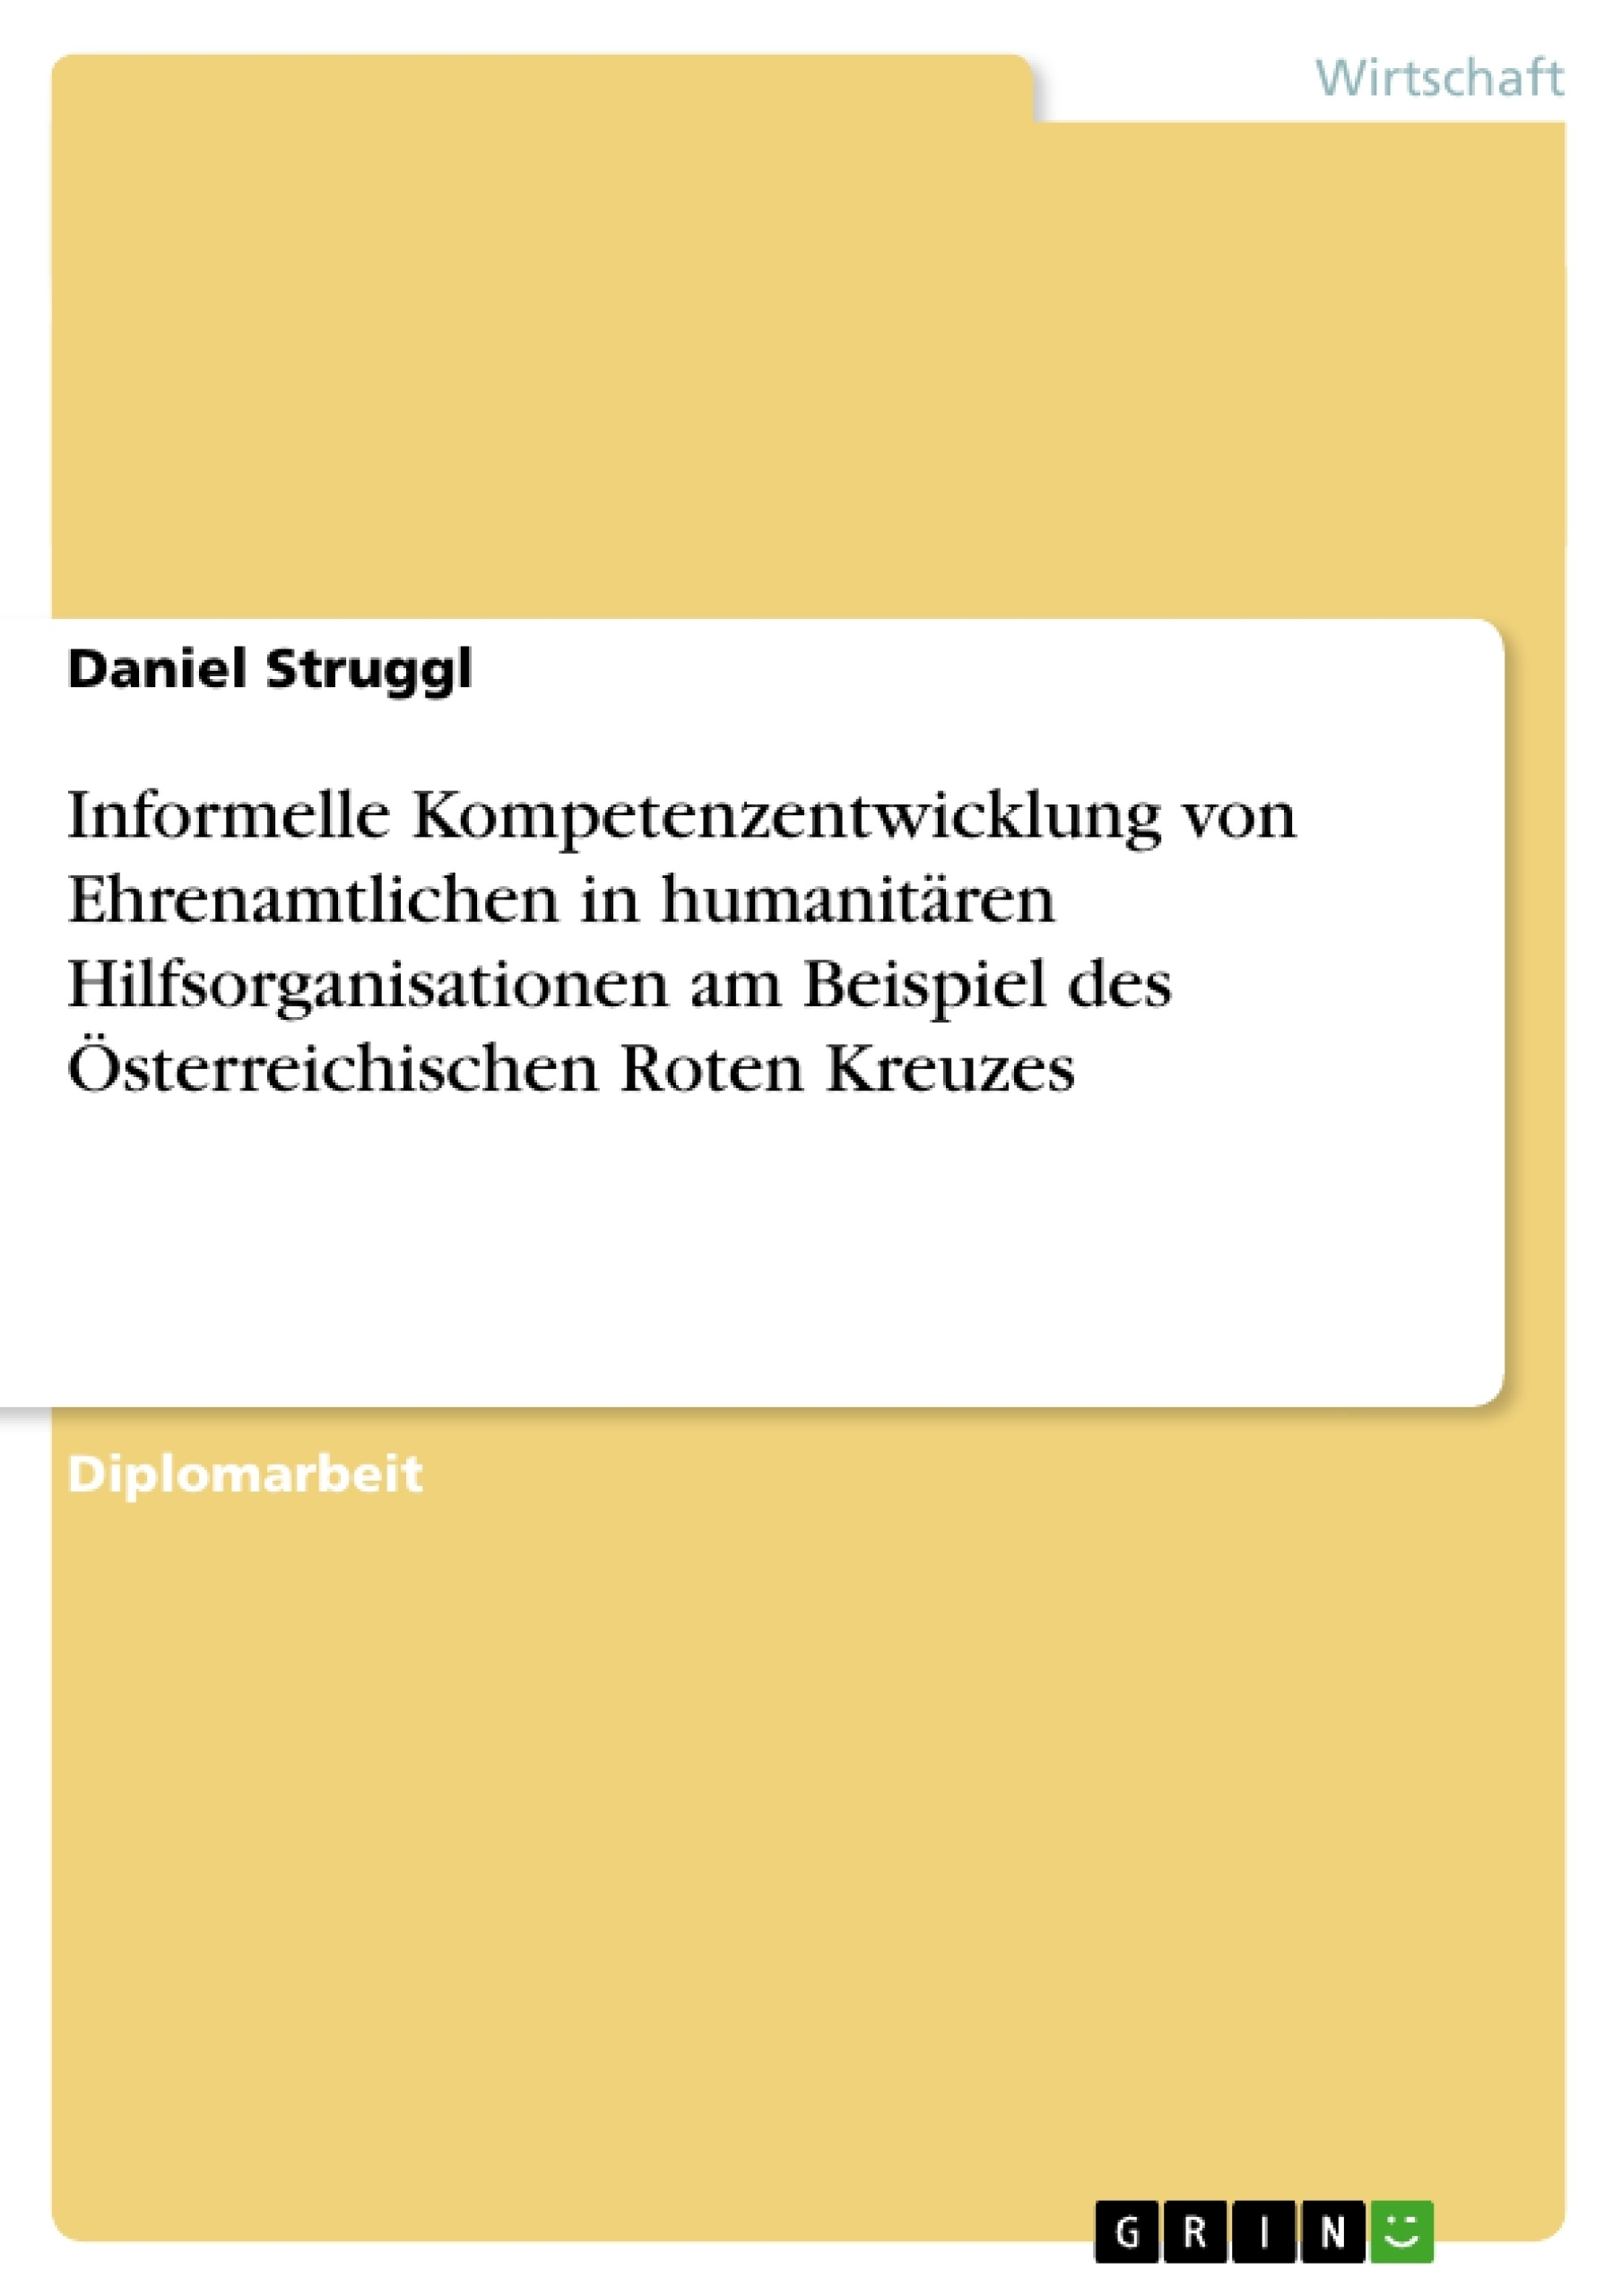 Titel: Informelle Kompetenzentwicklung von Ehrenamtlichen in humanitären Hilfsorganisationen am Beispiel des Österreichischen Roten Kreuzes